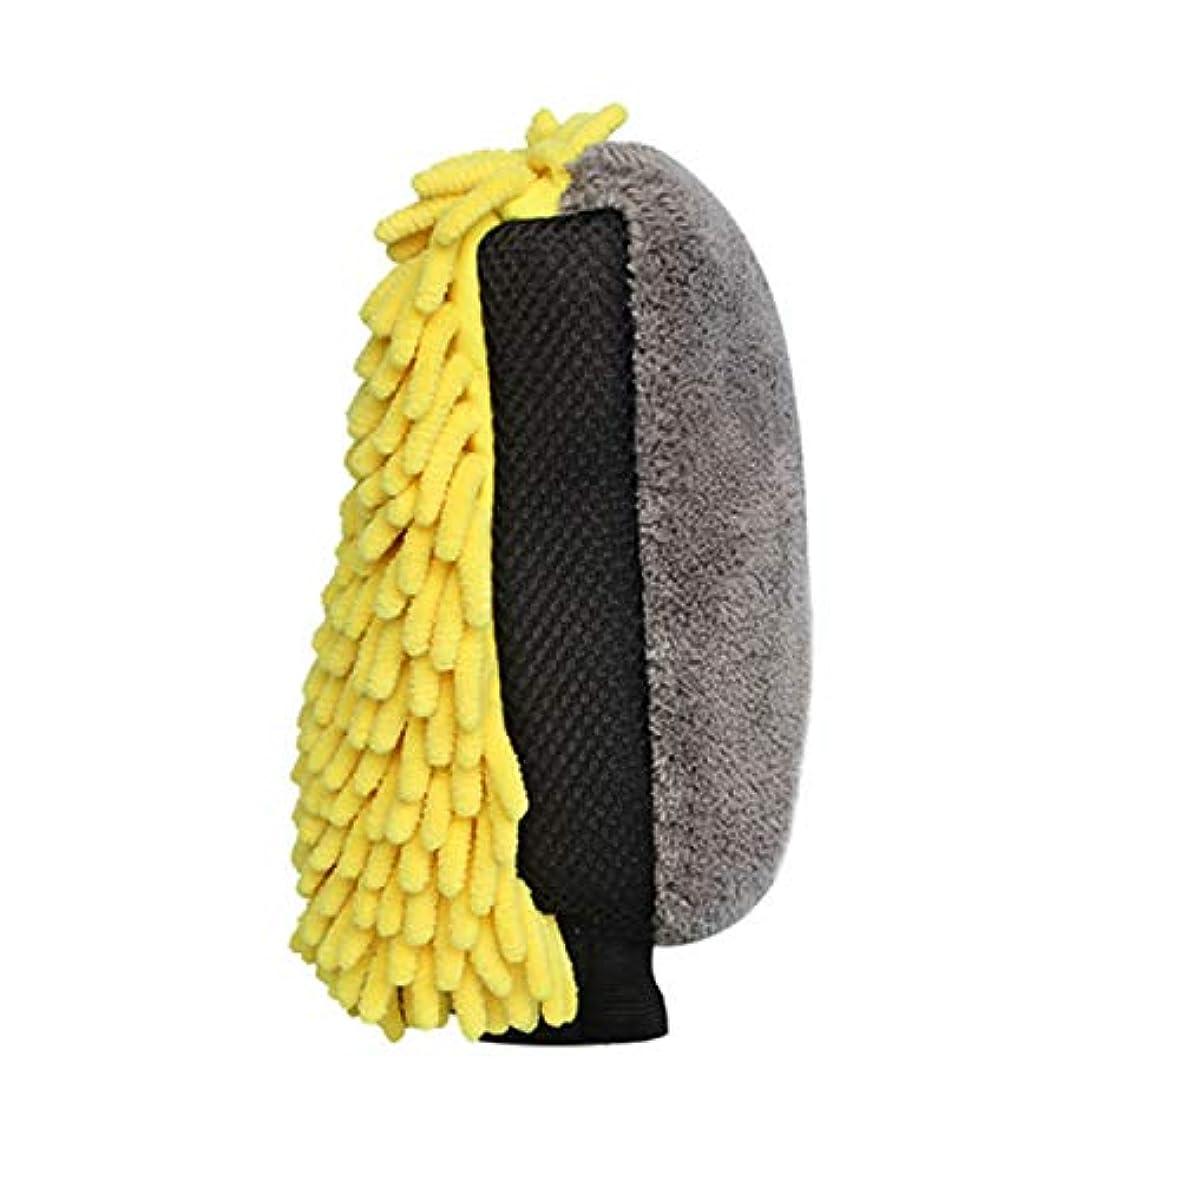 ナチュラ急流虹BTXXYJP 防水 カーウォッシュマイクロ ファイバーシェ ニール ディテールブラシ グローブ 多機能 (Color : Yellow, Size : M-Five pairs)